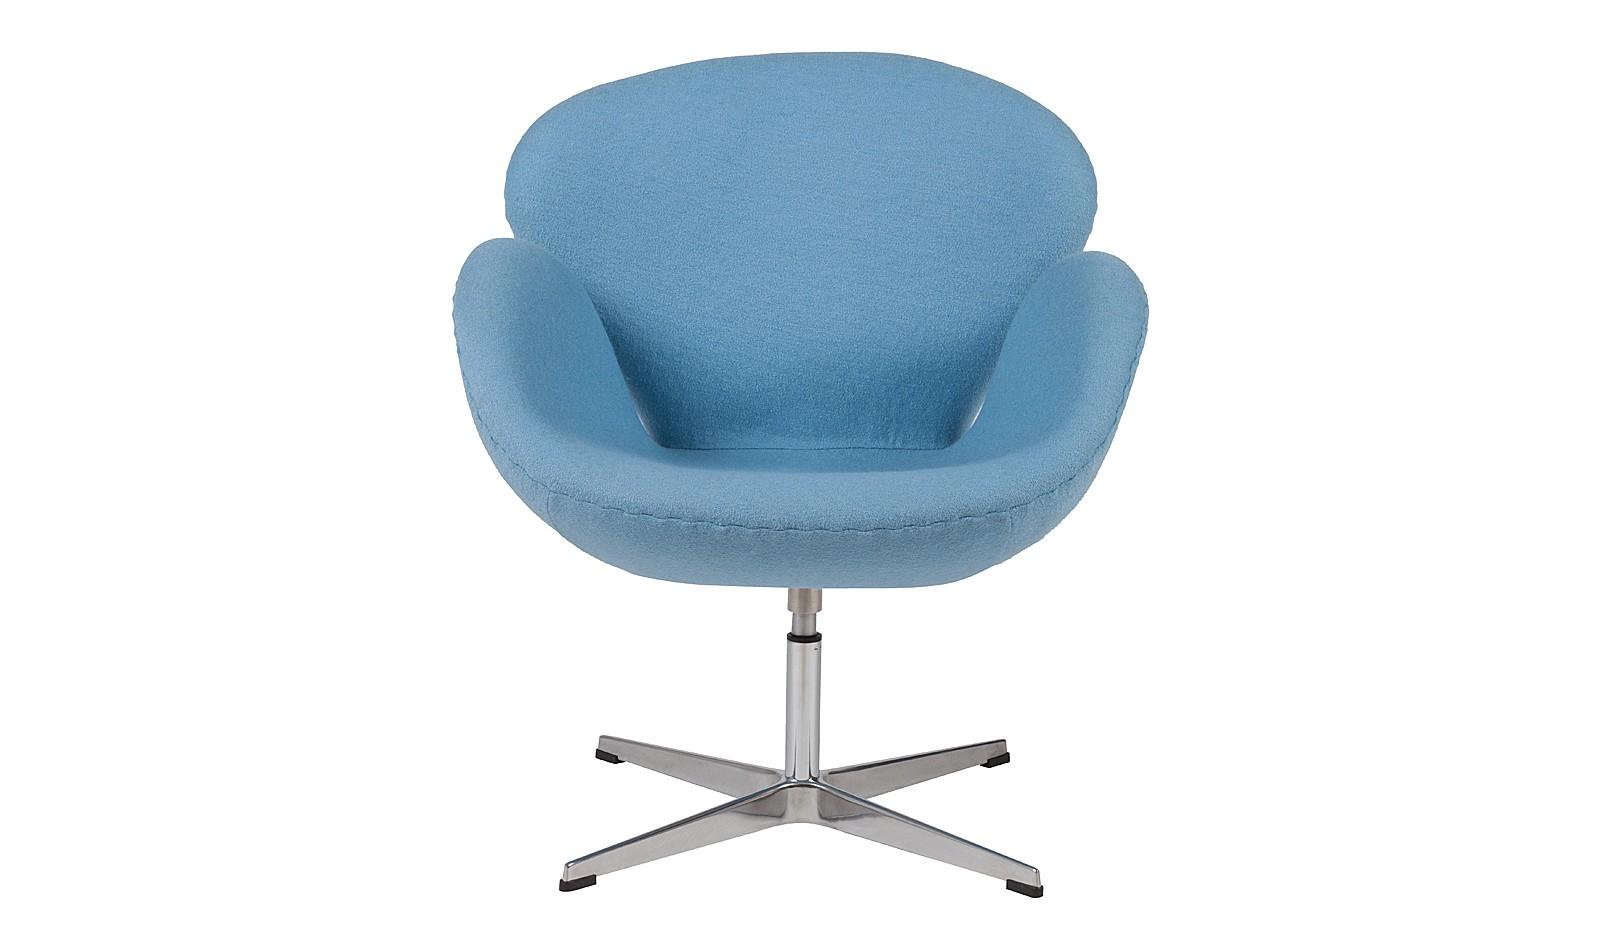 Кресло Swan ChairИнтерьерные кресла<br>Знаменитое кресло от датского дизайнера Арне Якобсена получило мировое признание, превратившись в икону стиля. Создавая его, разработчики стремились передать скульптурные мотивы, многократно перекраивая размеры и формы предмета. Бренд DG Home добавил легенде больше домашнего уюта, облачив образ в&amp;amp;nbsp;&amp;lt;span style=&amp;quot;line-height: 24.9999px;&amp;quot;&amp;gt;небесно-голубую&amp;lt;/span&amp;gt;&amp;amp;nbsp;обивку из натуральной шерсти.<br><br>Material: Шерсть<br>Width см: 70<br>Depth см: 71<br>Height см: 78